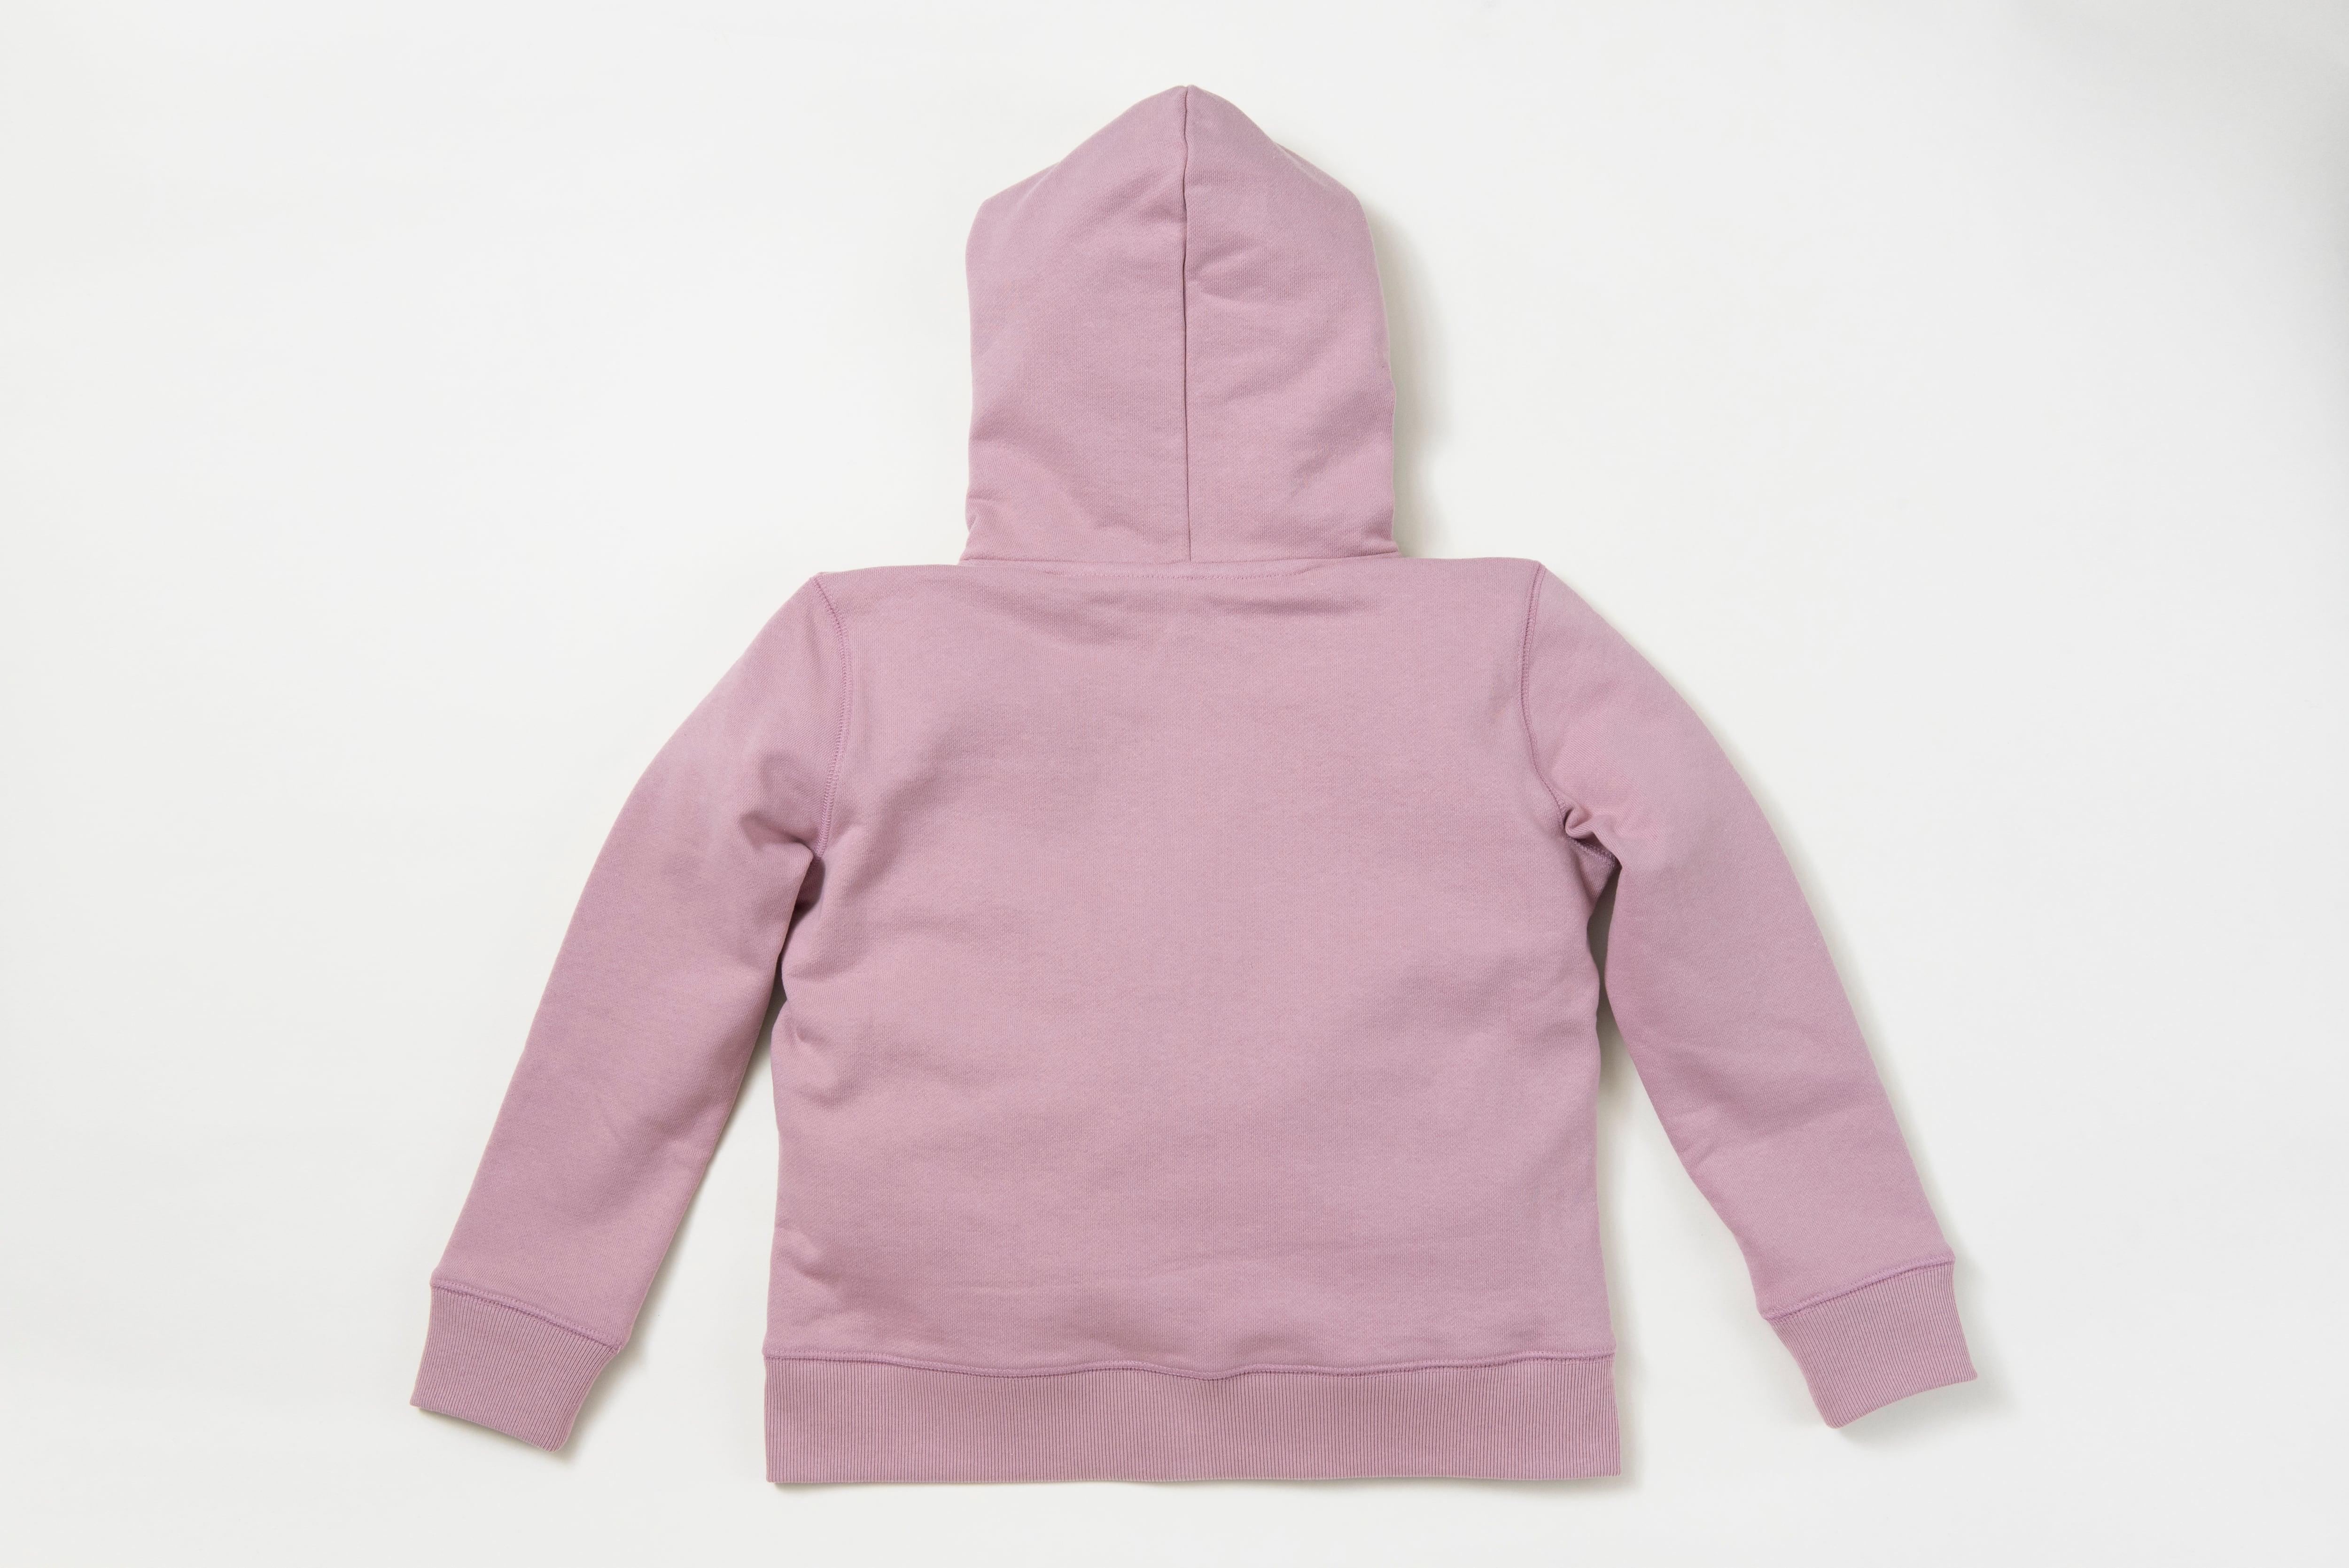 オーガニックコットンジップパーカー(ピンク)